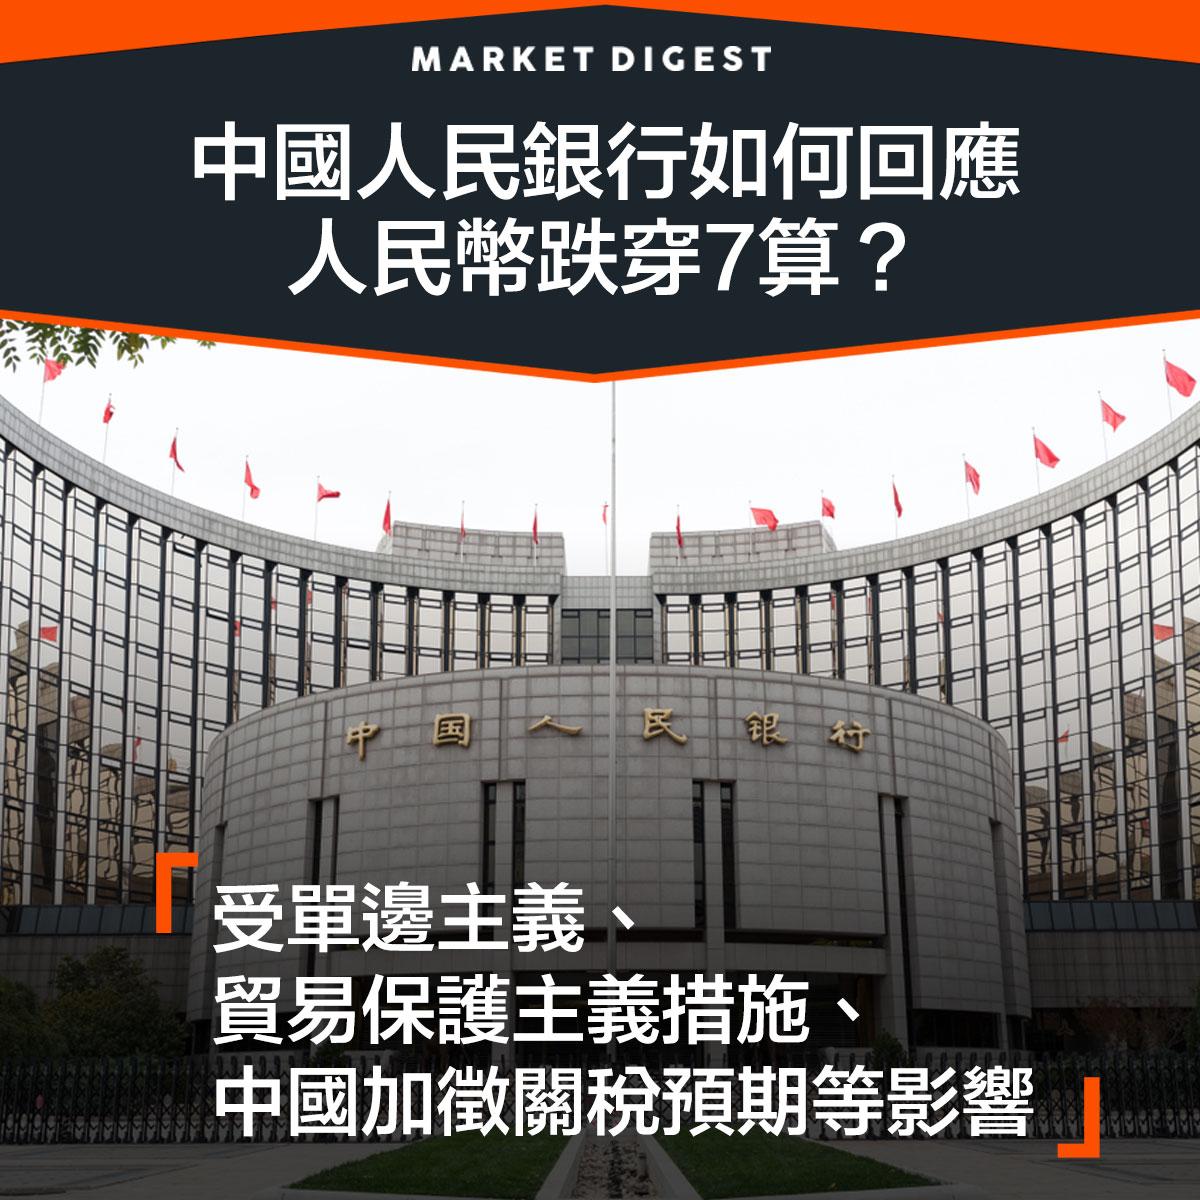 中國人民銀行如何回應 人民幣跌穿7算?